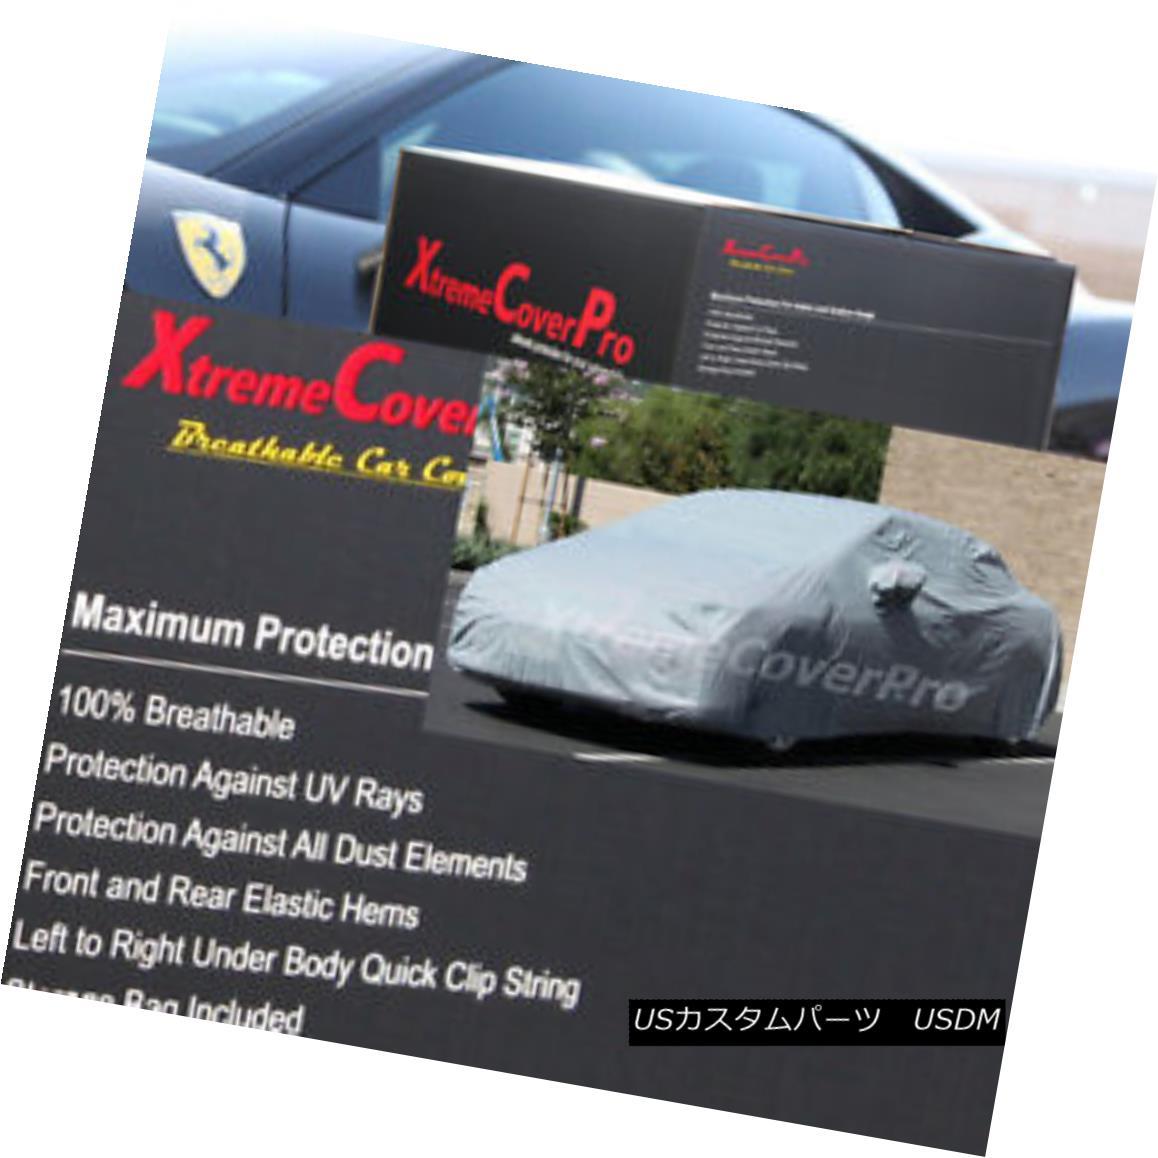 カーカバー 2015 SUBARU WRX STi w/ STi SPOILER Breathable Car Cover w/Mirror Pockets - Gray 2015 SUBARU WRX STi / STi SPOILER通気性のある車カバー付き/ミラーポケット - グレー